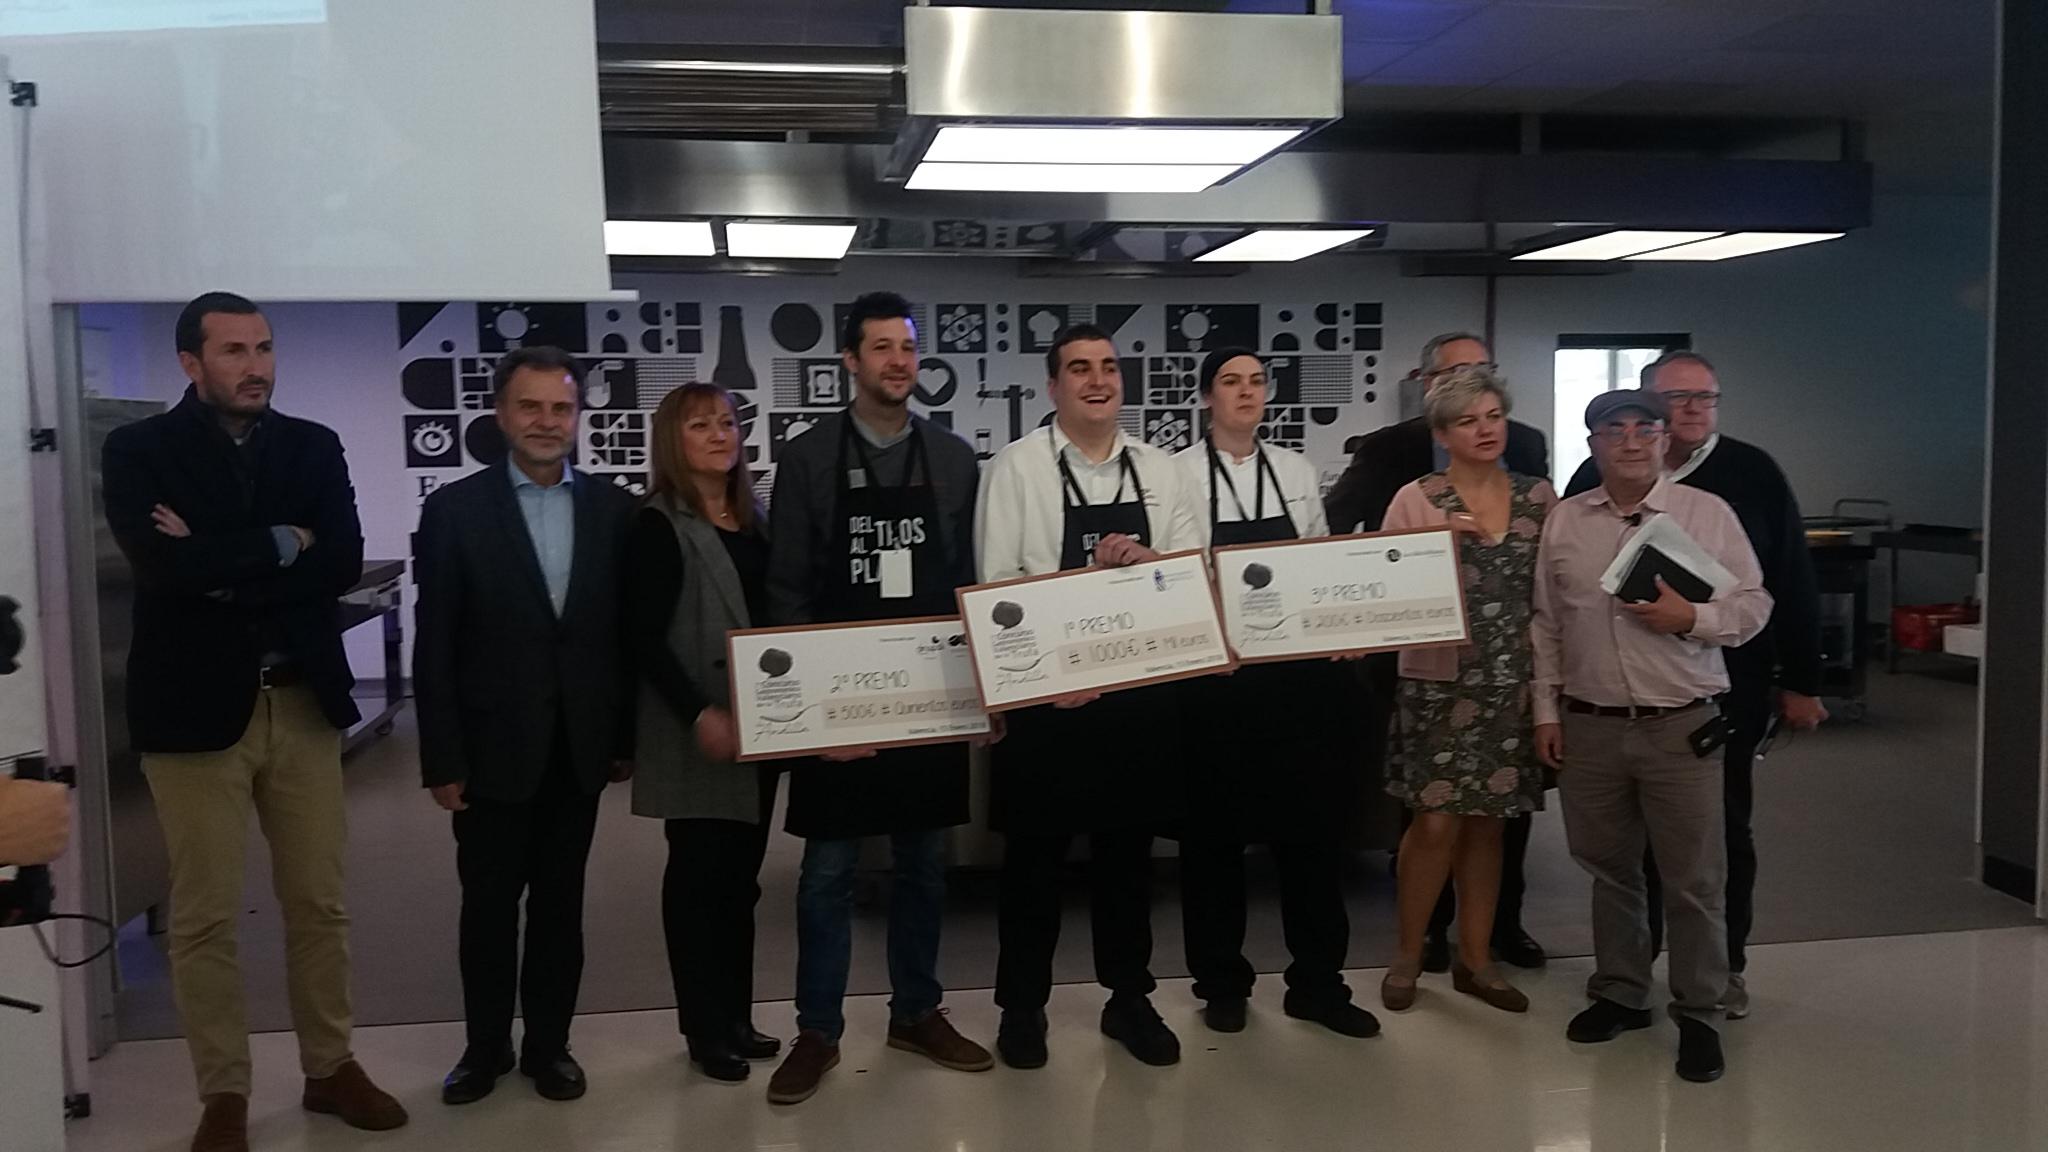 Imagen de la diputada Pilar Moncho con los premiados y miembros del jurado.